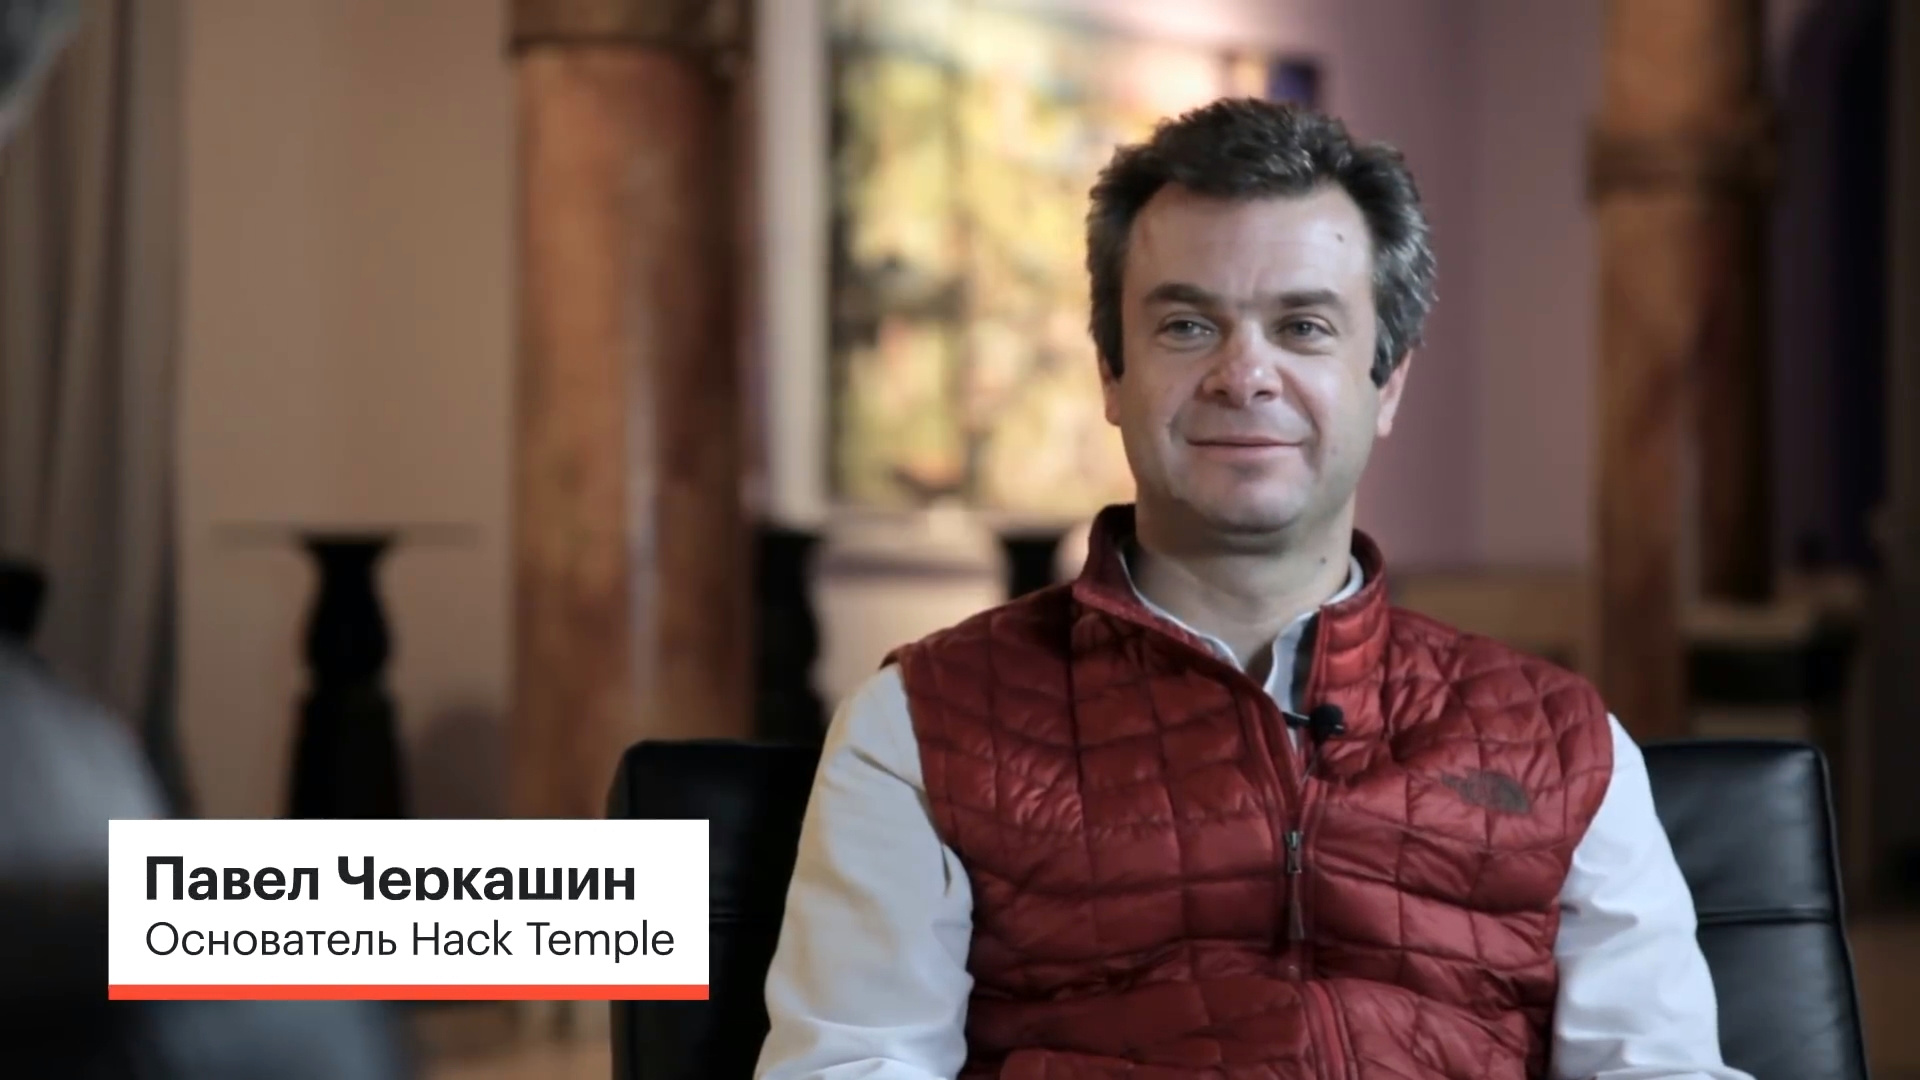 Павел Черкашин - основатель бизнес-акселератора Hack Temple